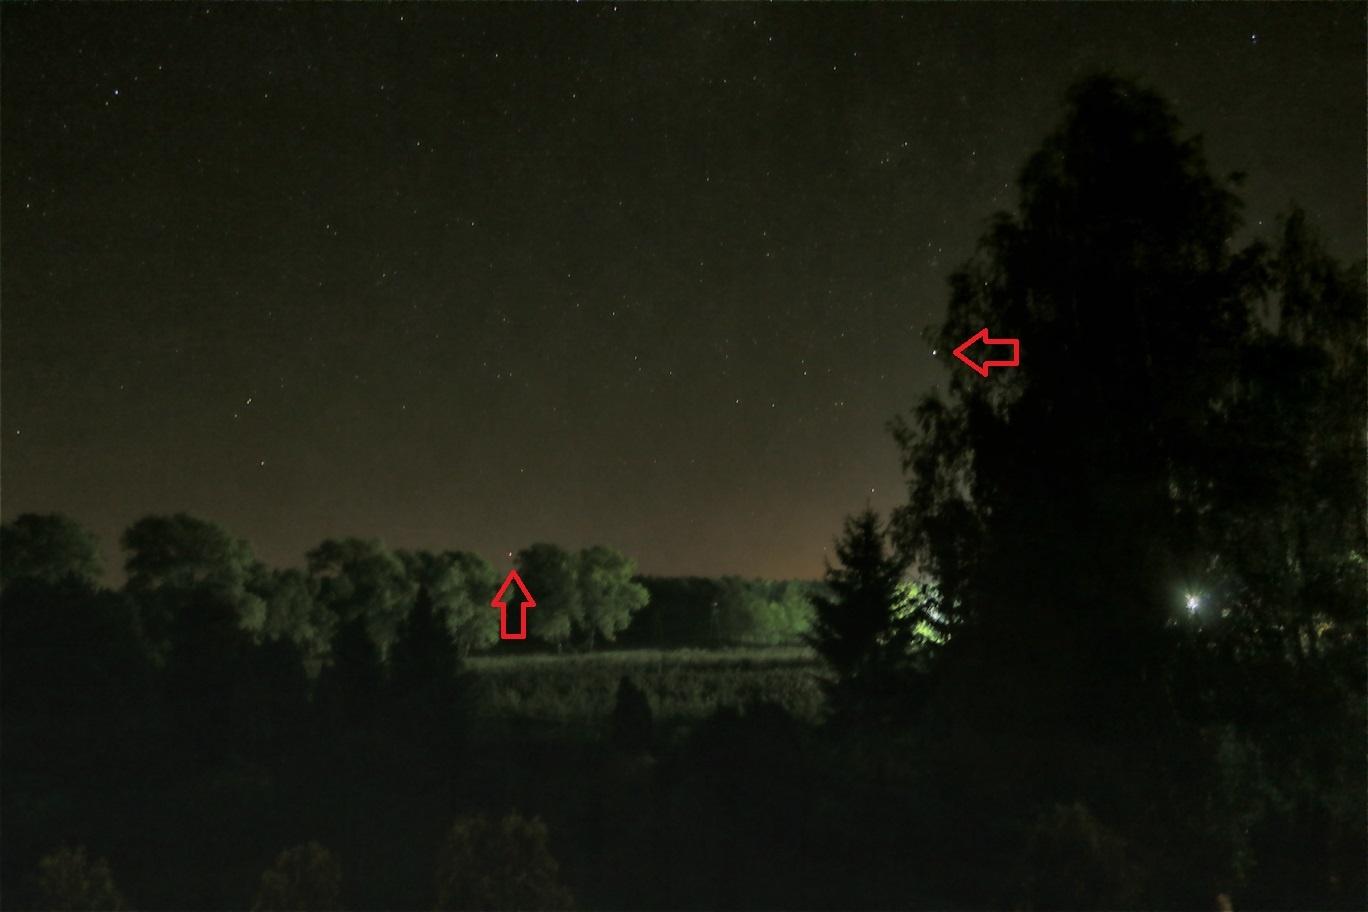 Mars i Jowisz 20180507 0217 zaznaczone.jpg